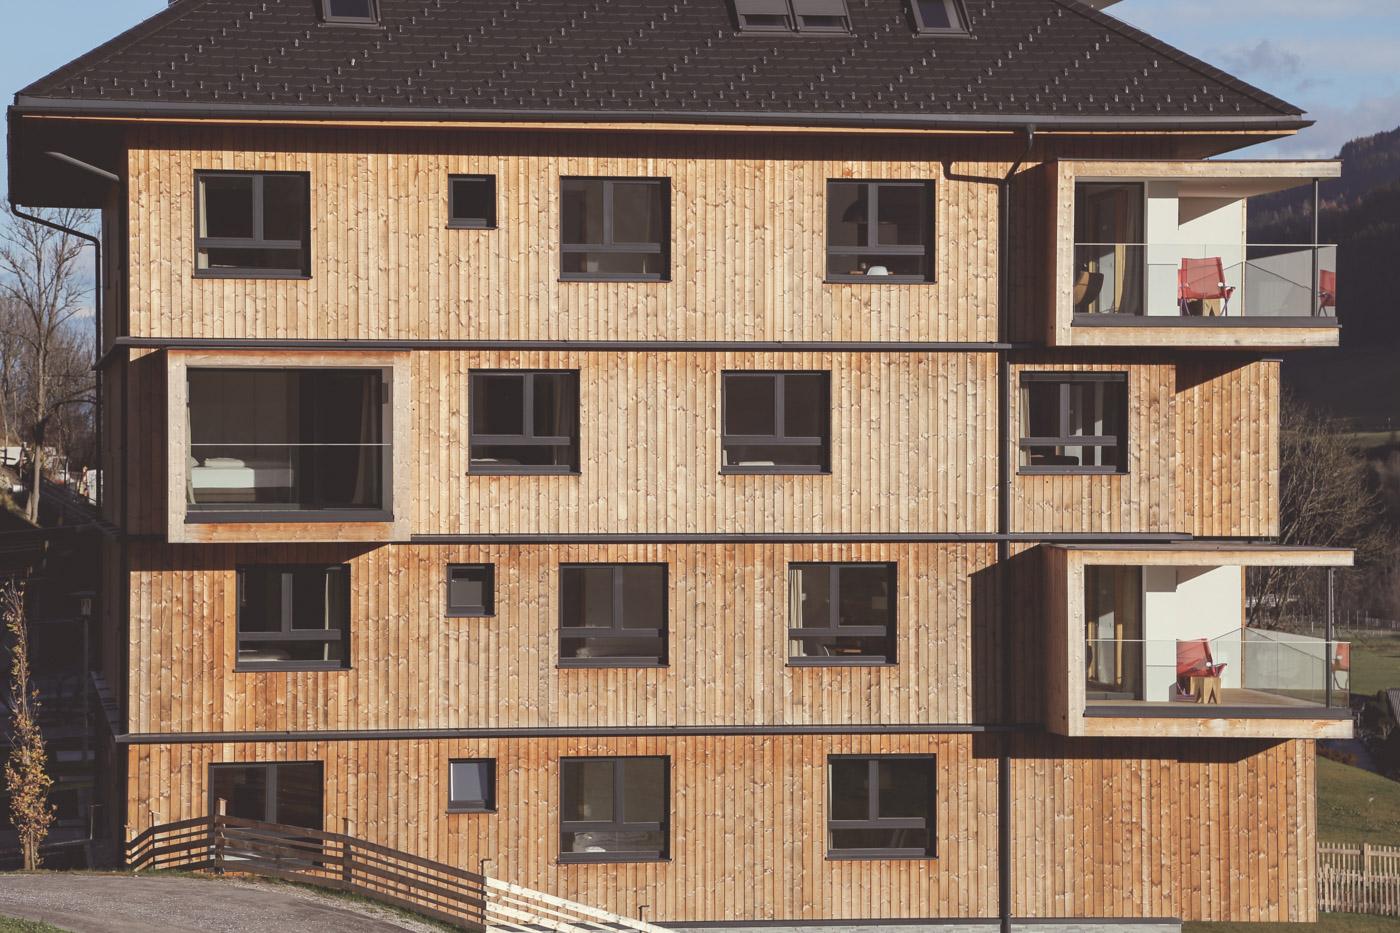 sunlodge-schladming-tischlerei-kotrasch_small-1